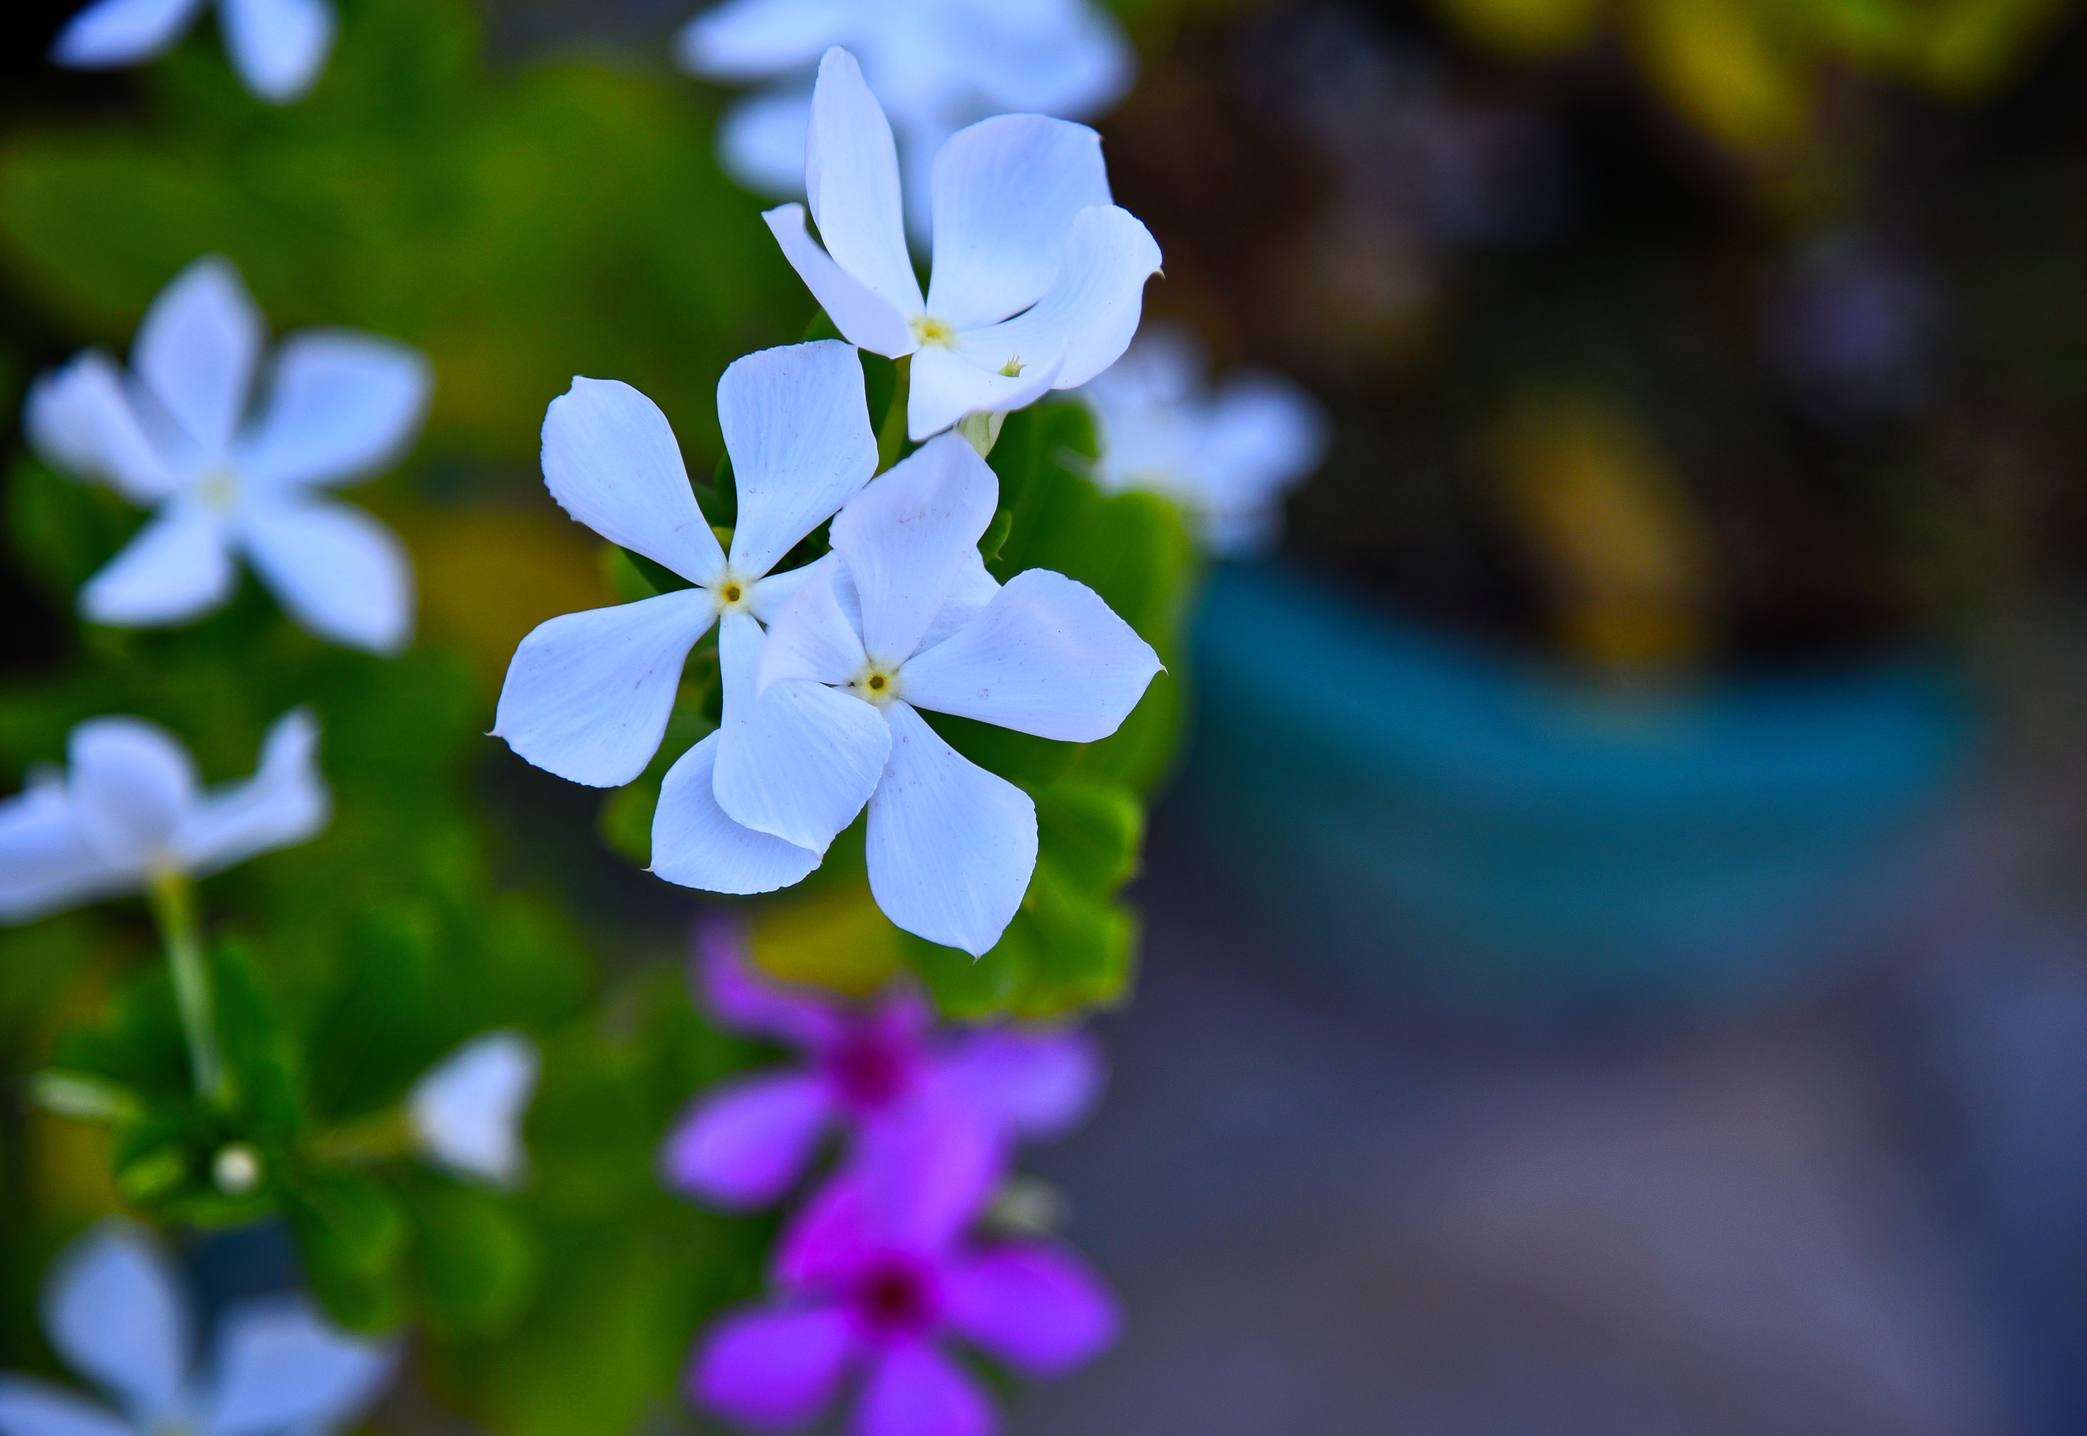 periwinkle vinca flowers